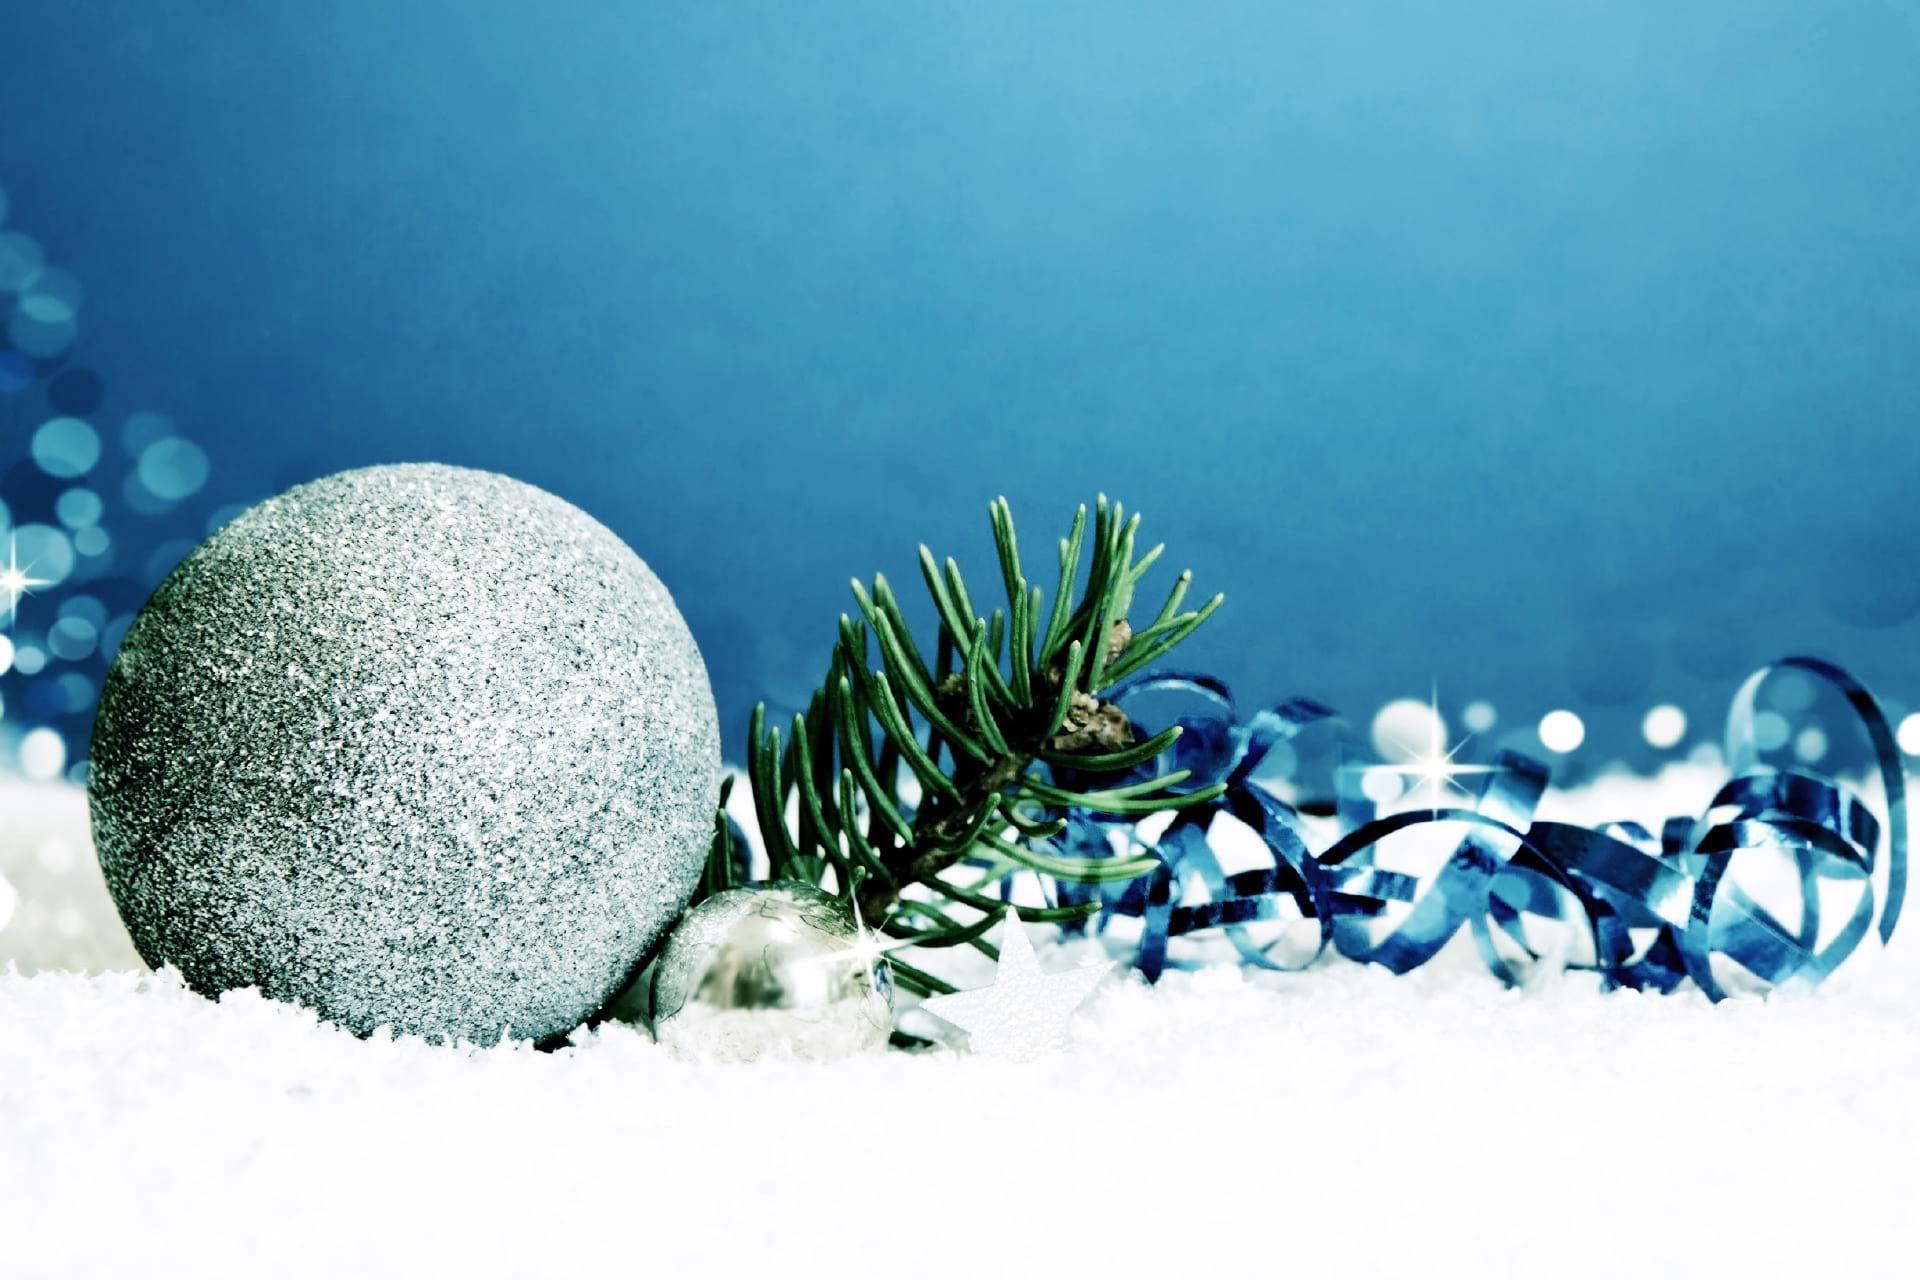 Weihnachten Artikel.Artikel Alptekin